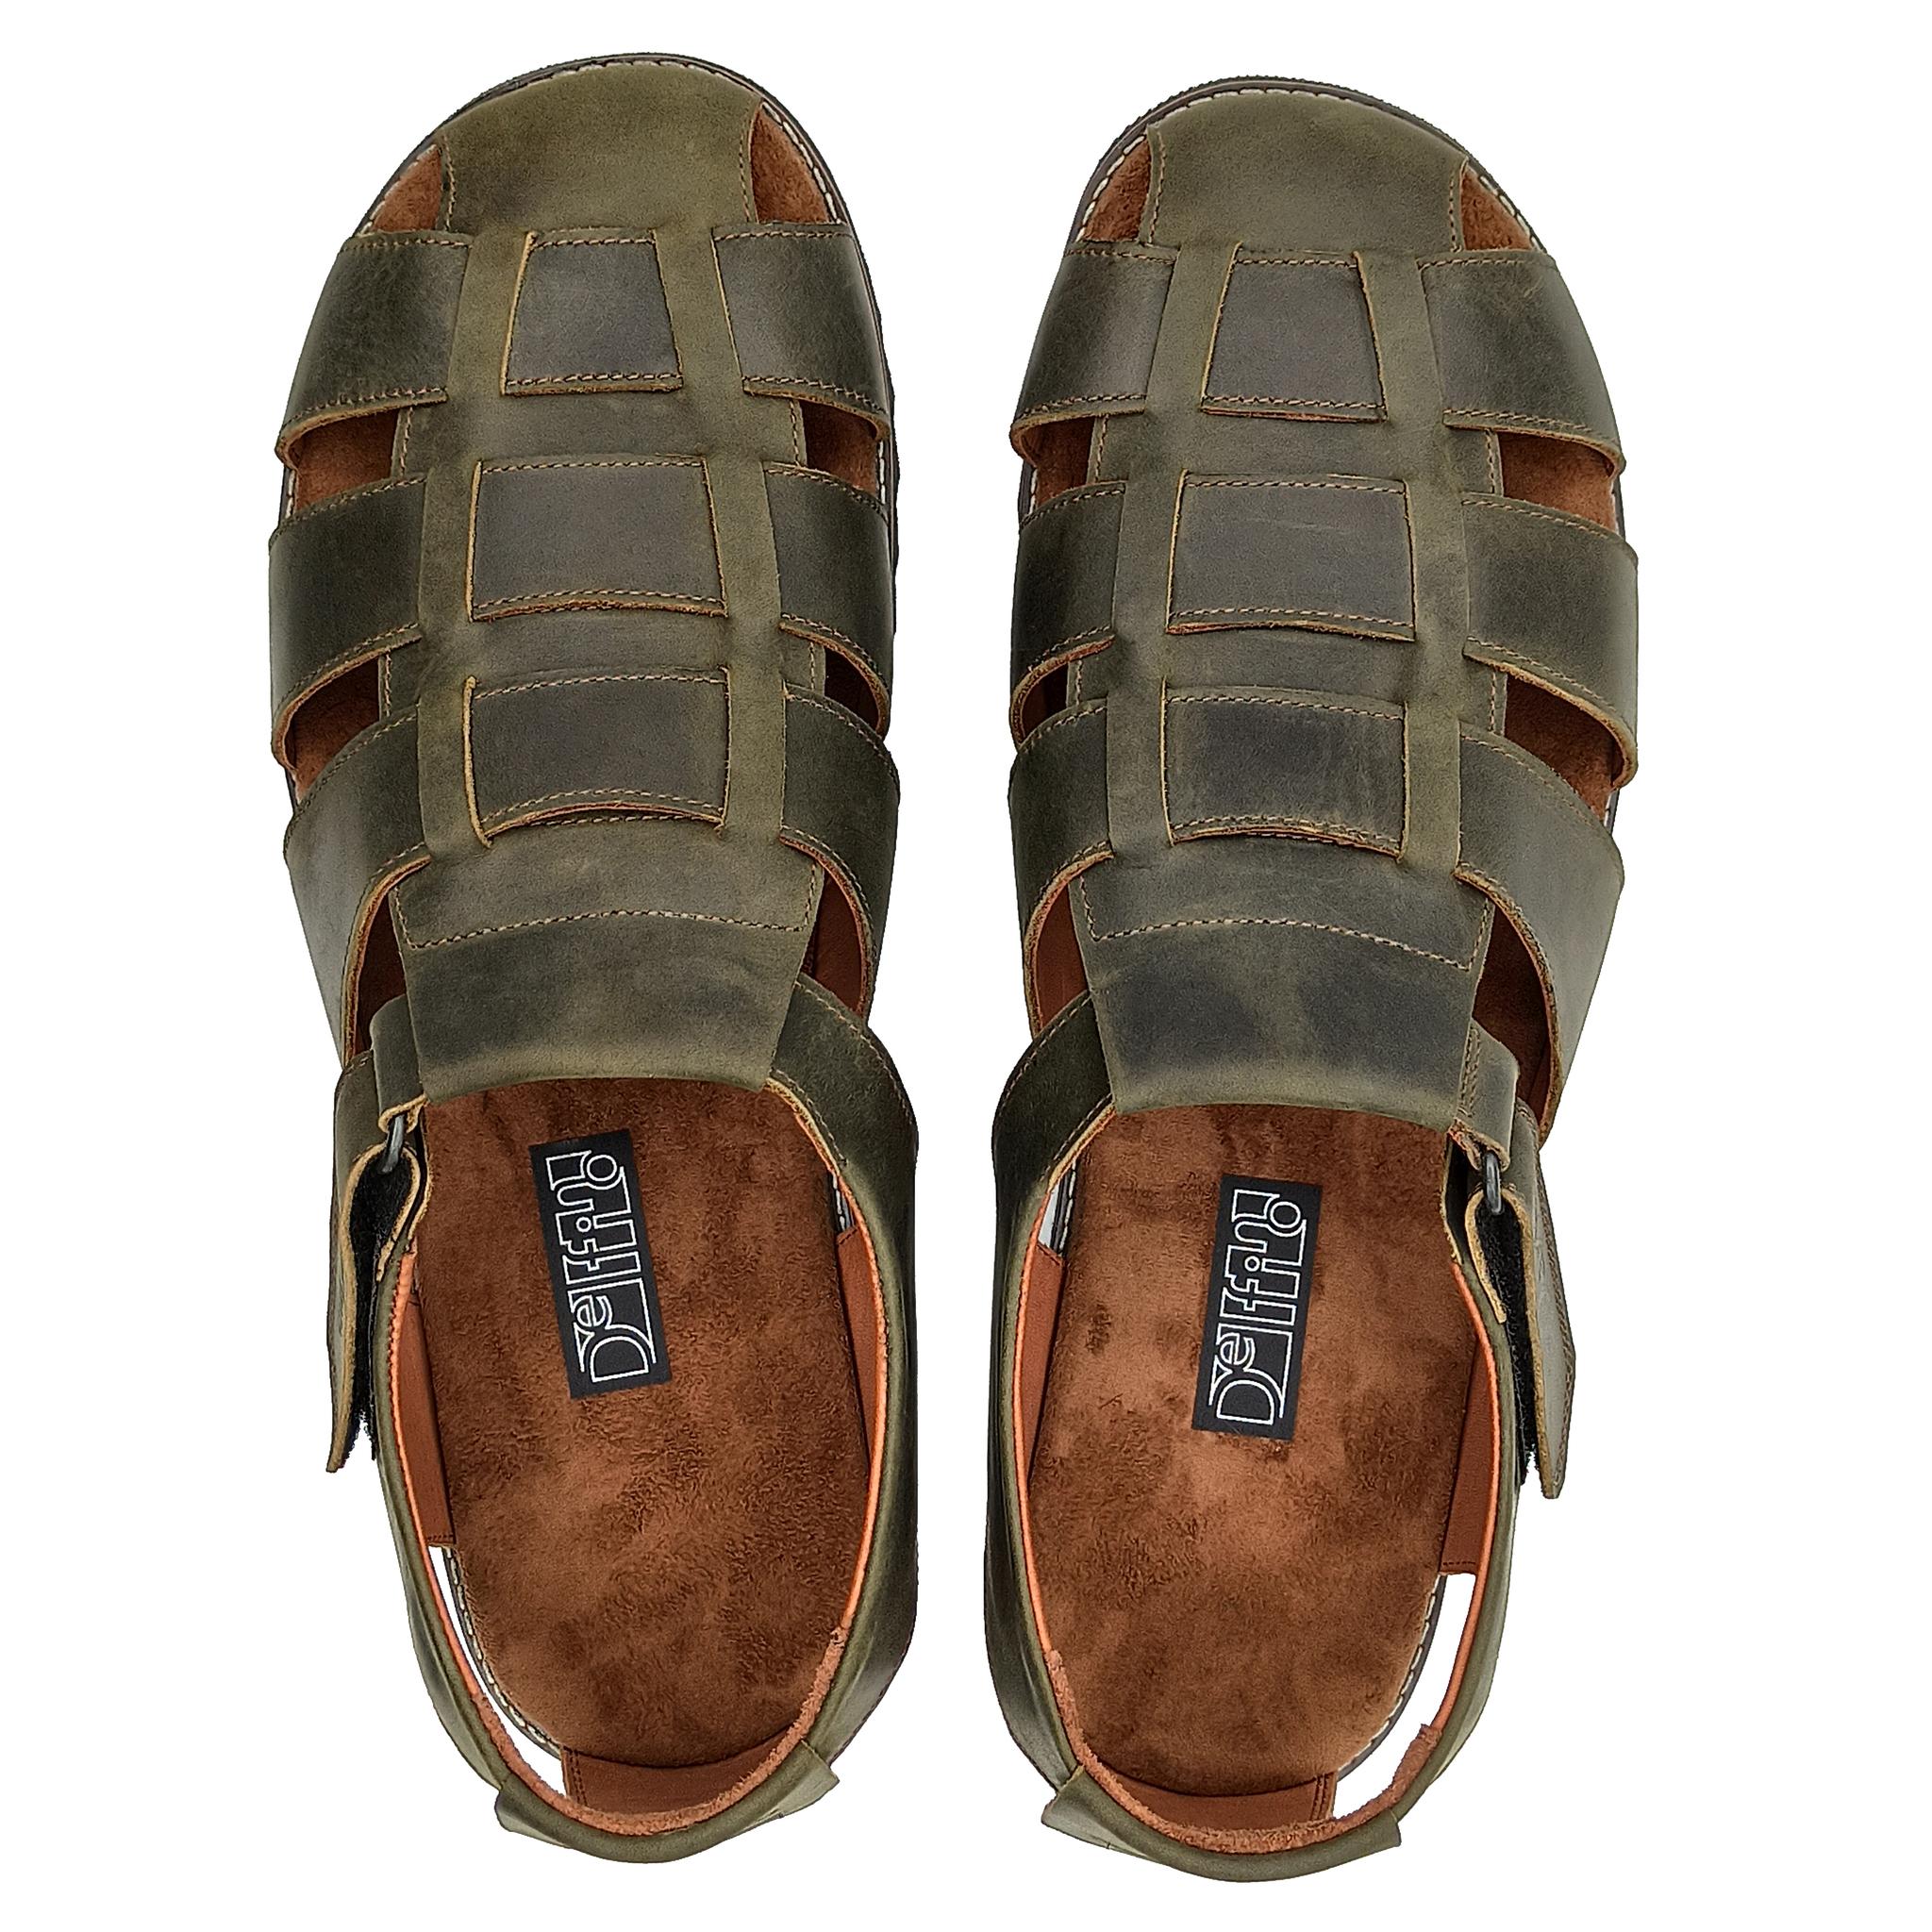 550210 сандалии мужские оливковые больших размеров марки Делфино